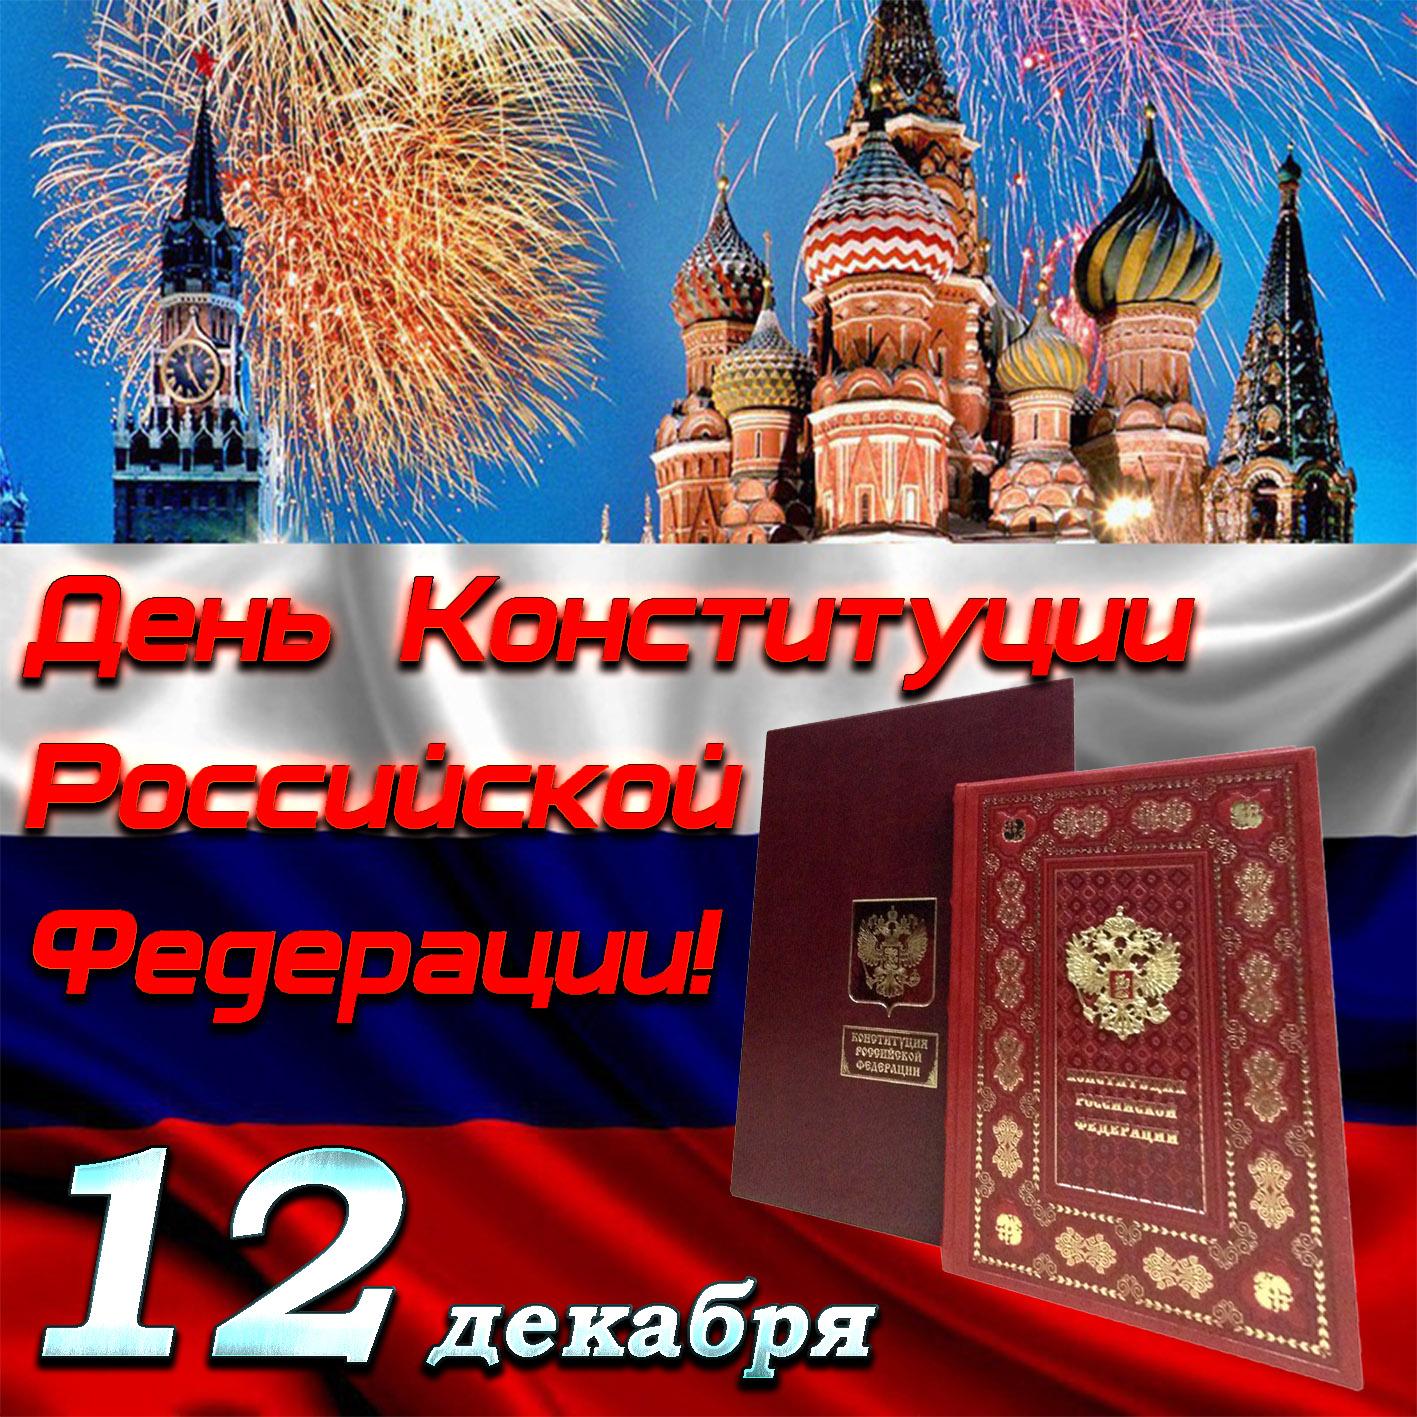 День конституции российской федерации картинки гифки